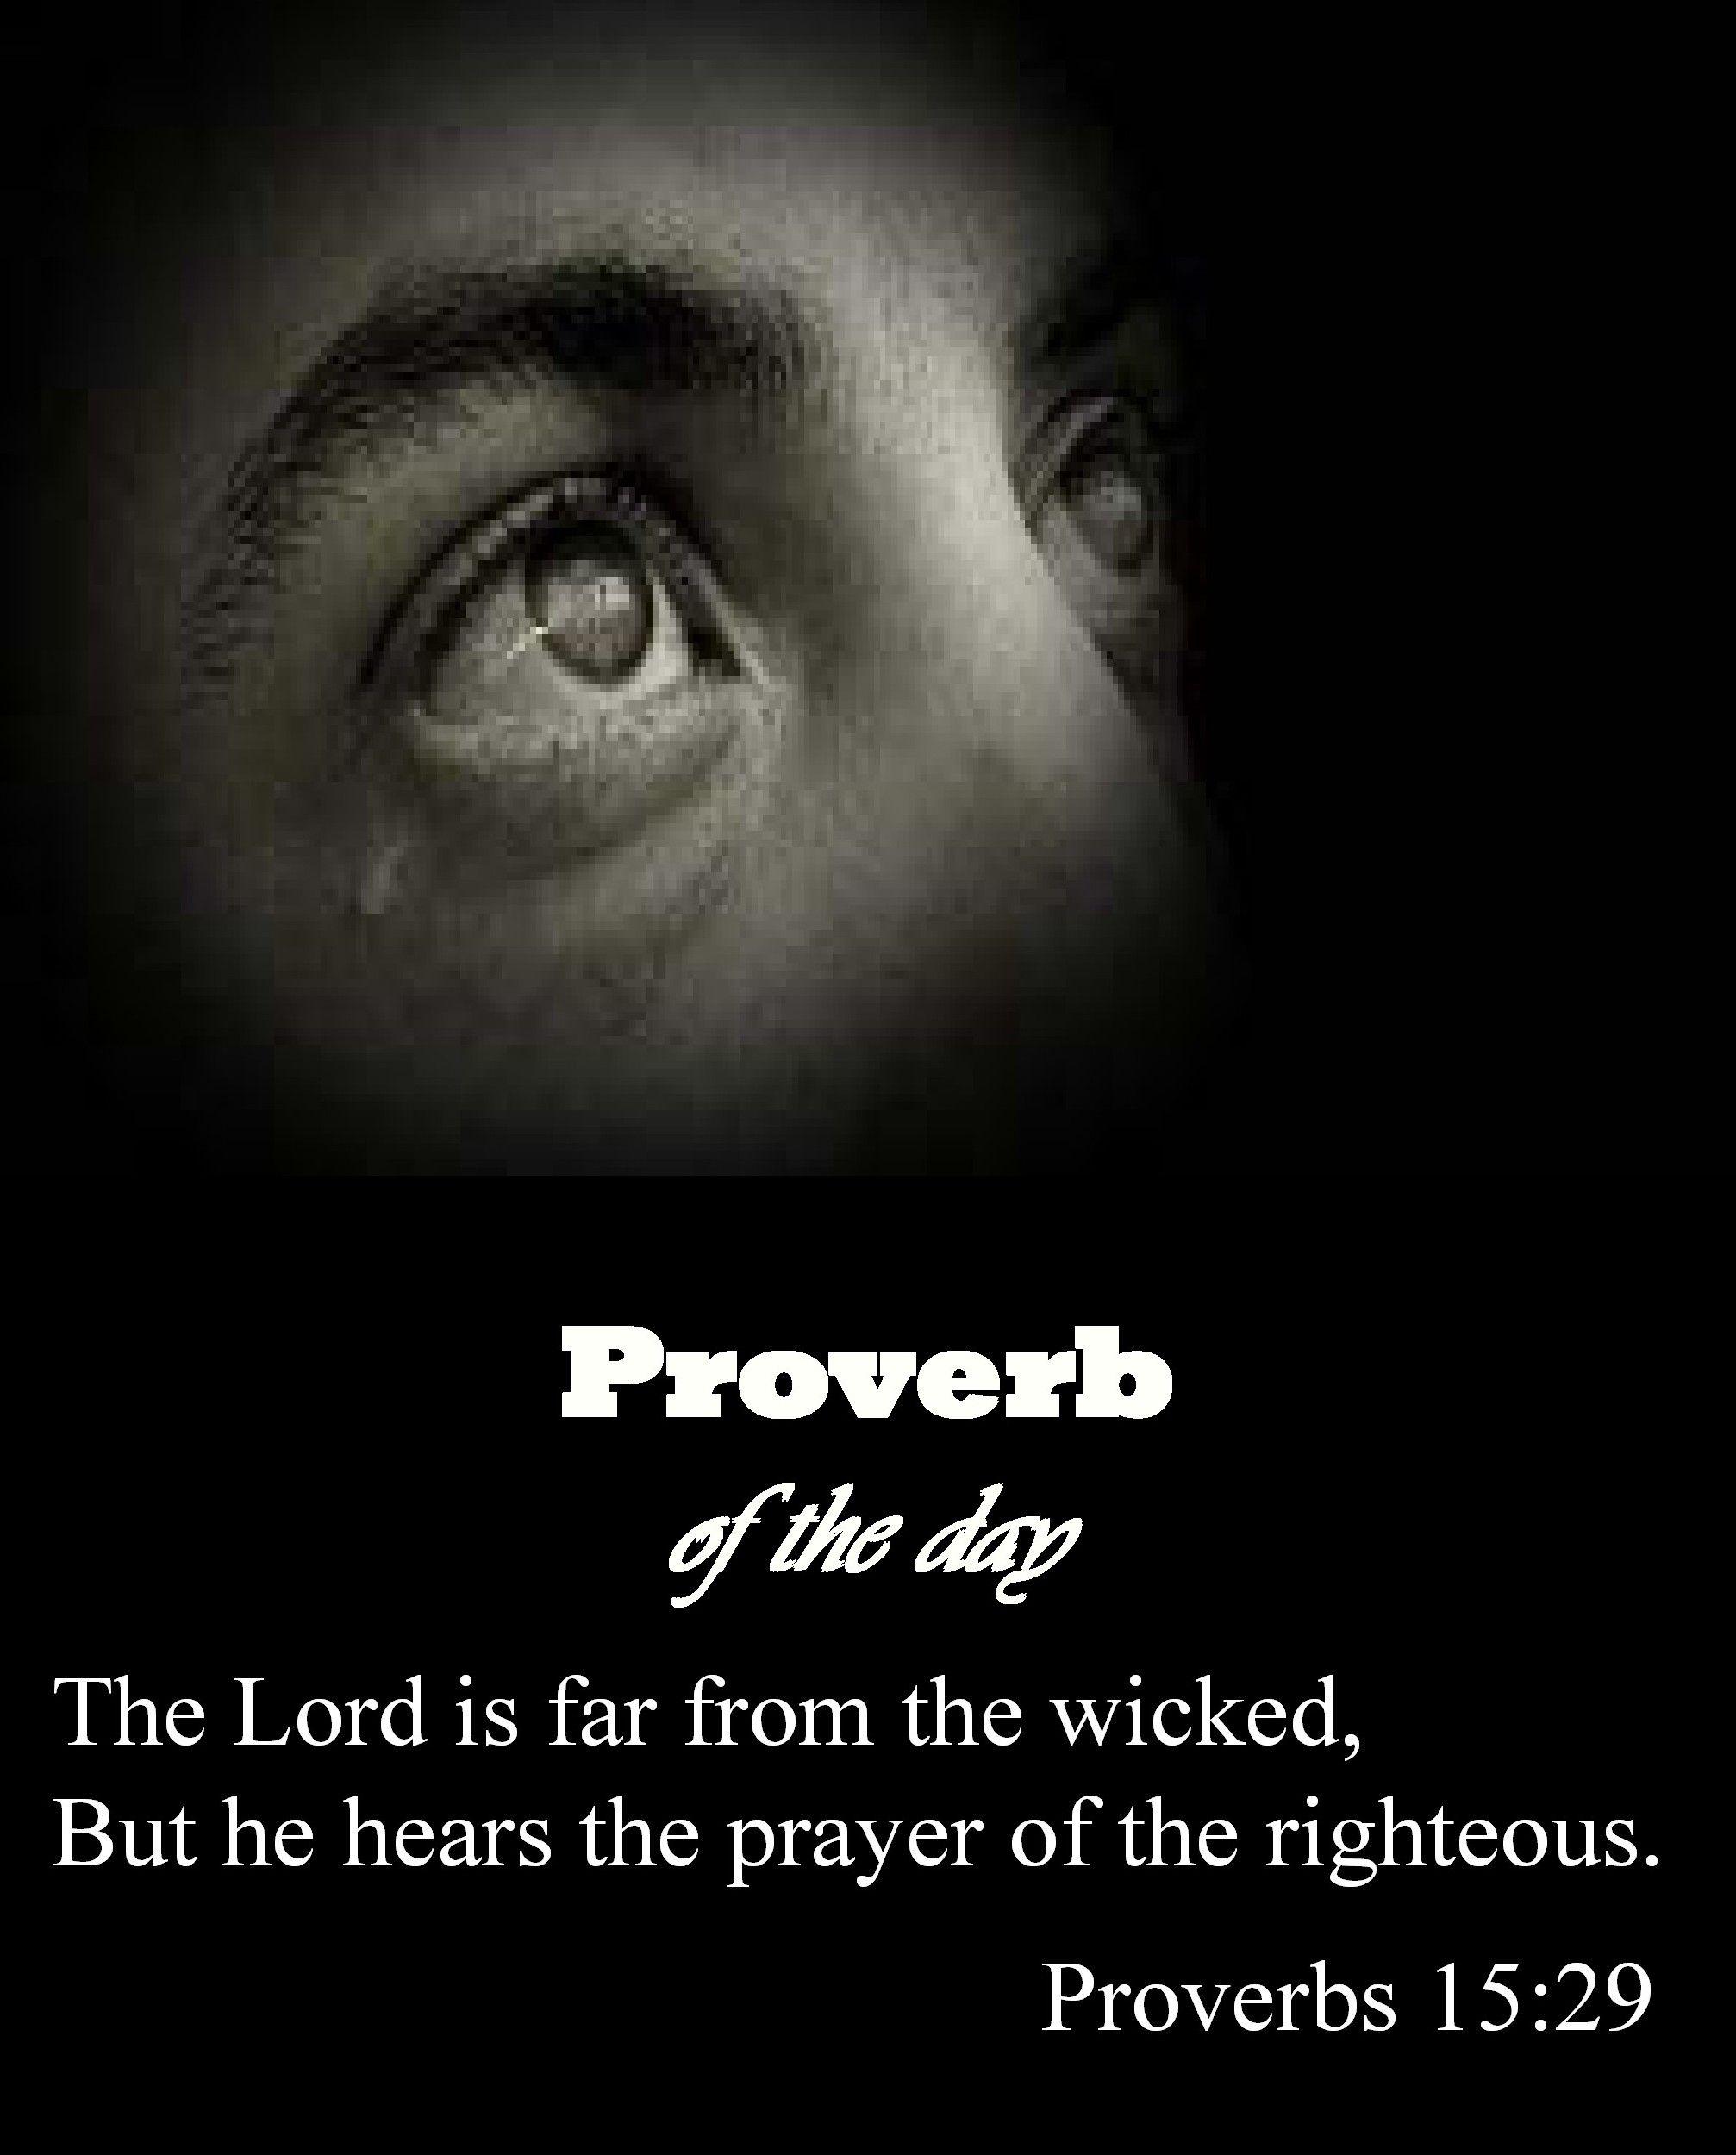 Proverbs 15:29  29 De HEER is ver verwijderd van de goddelozen,   het gebed van de rechtvaardigen hoort hij.        Uit: De Nieuwe Bijbelvertaling